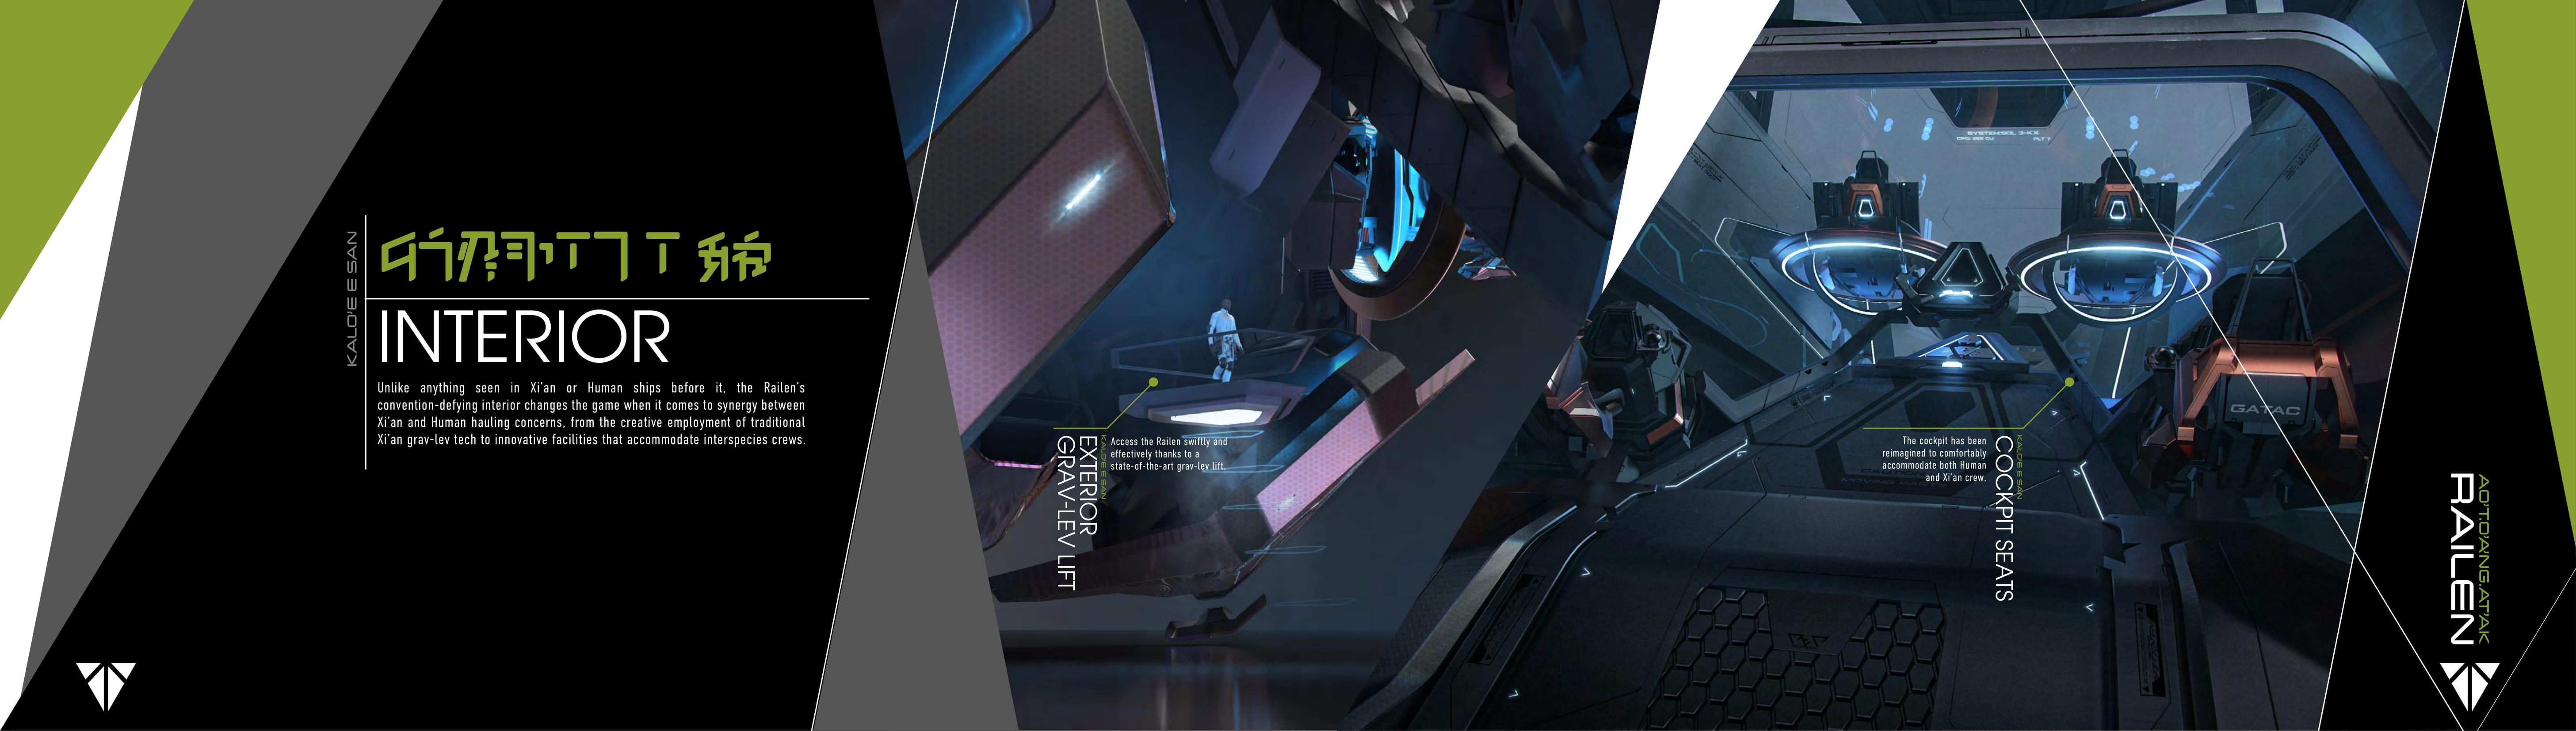 Xian_cargo_brochure-07